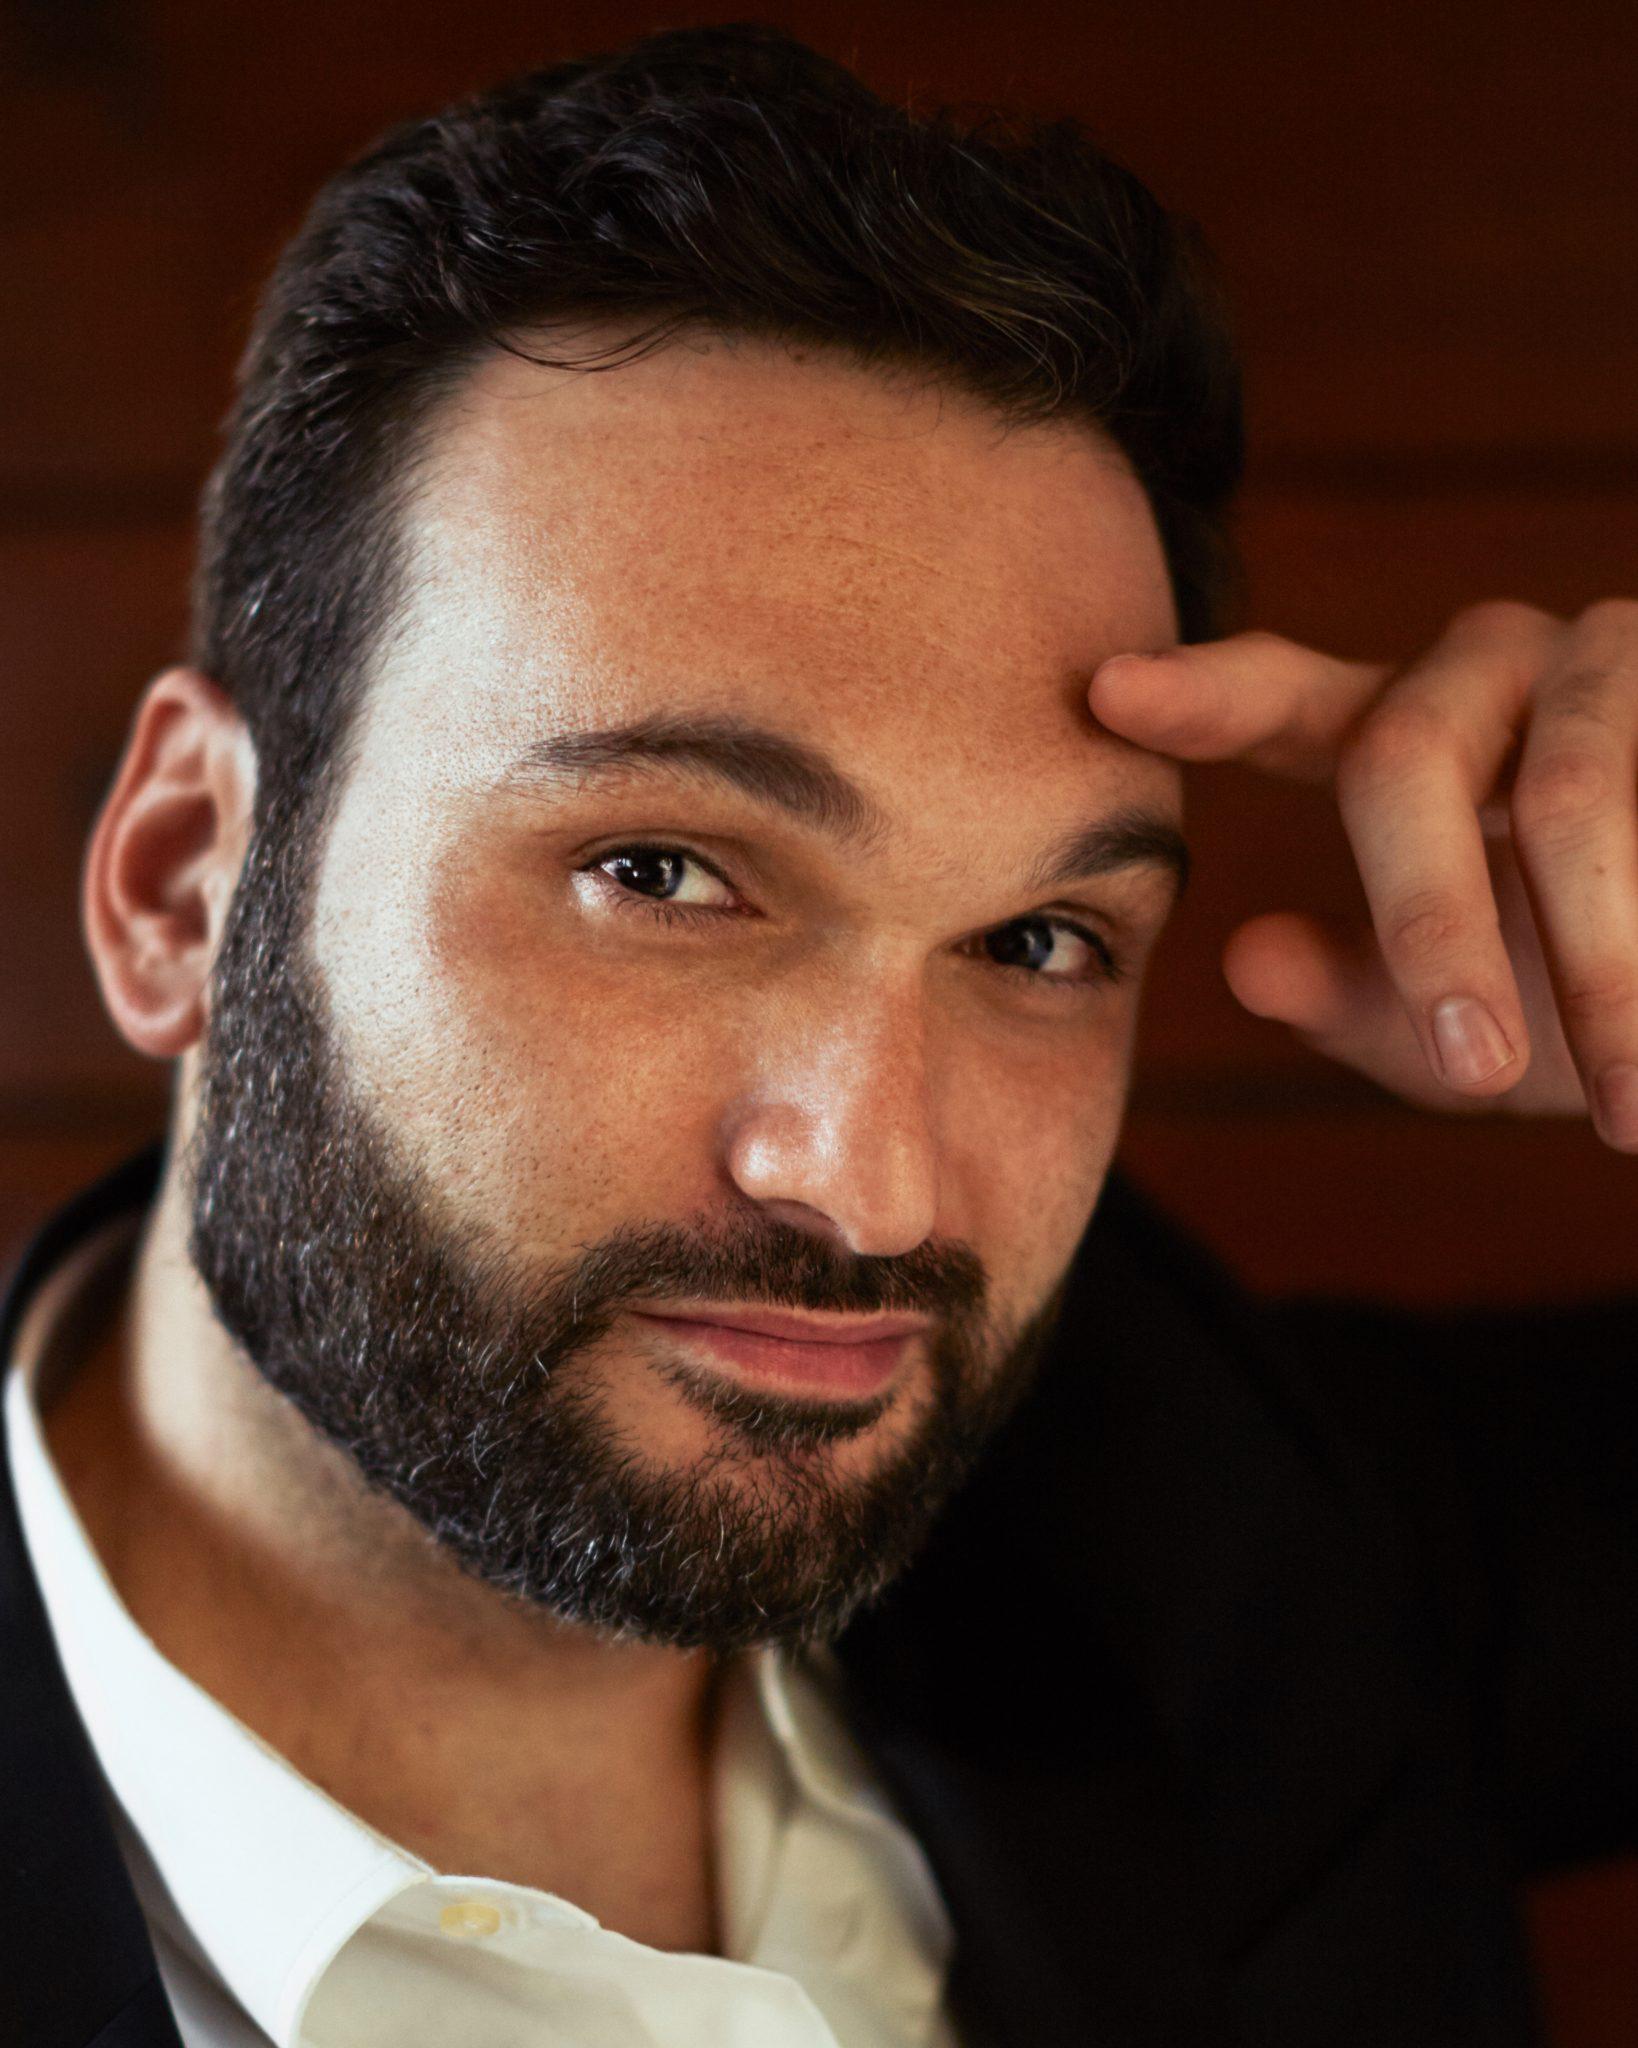 الكوميدي اللبناني- الأميركي نمر أبو نصار